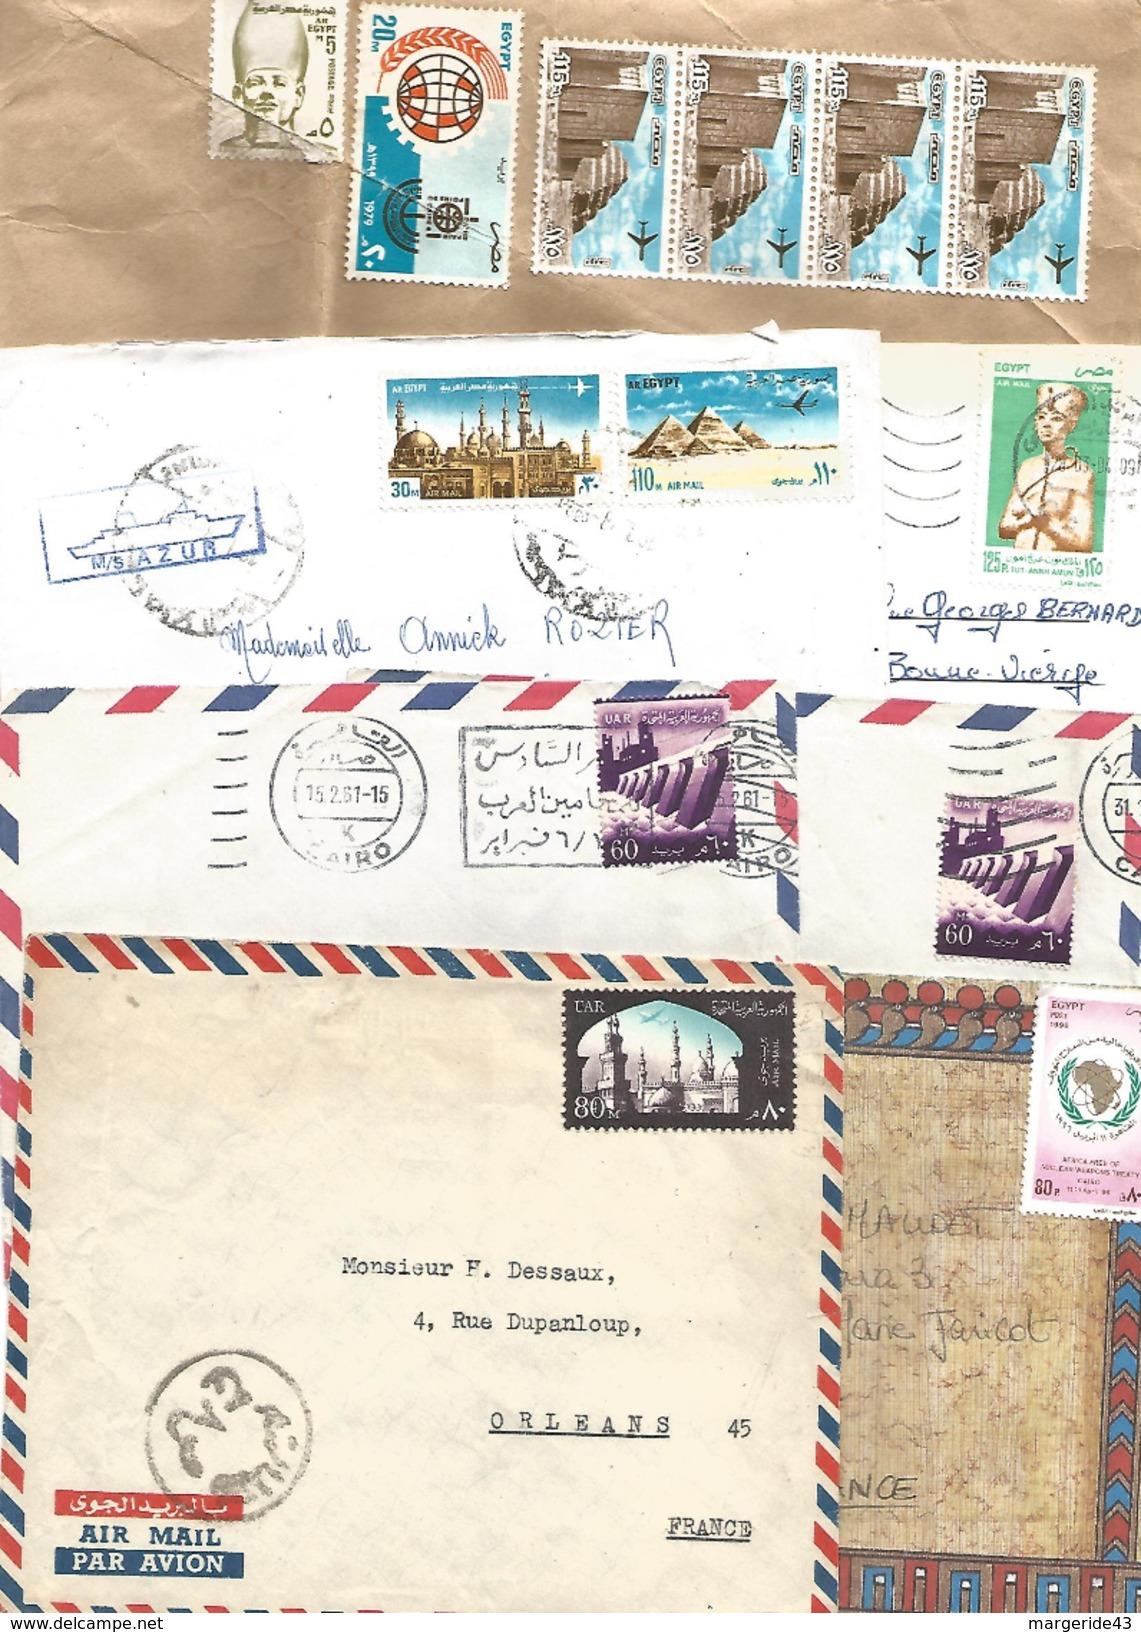 EGYPTE LOT DE LETTRES ET CARTES DIVERSES - Lots & Kiloware (mixtures) - Max. 999 Stamps